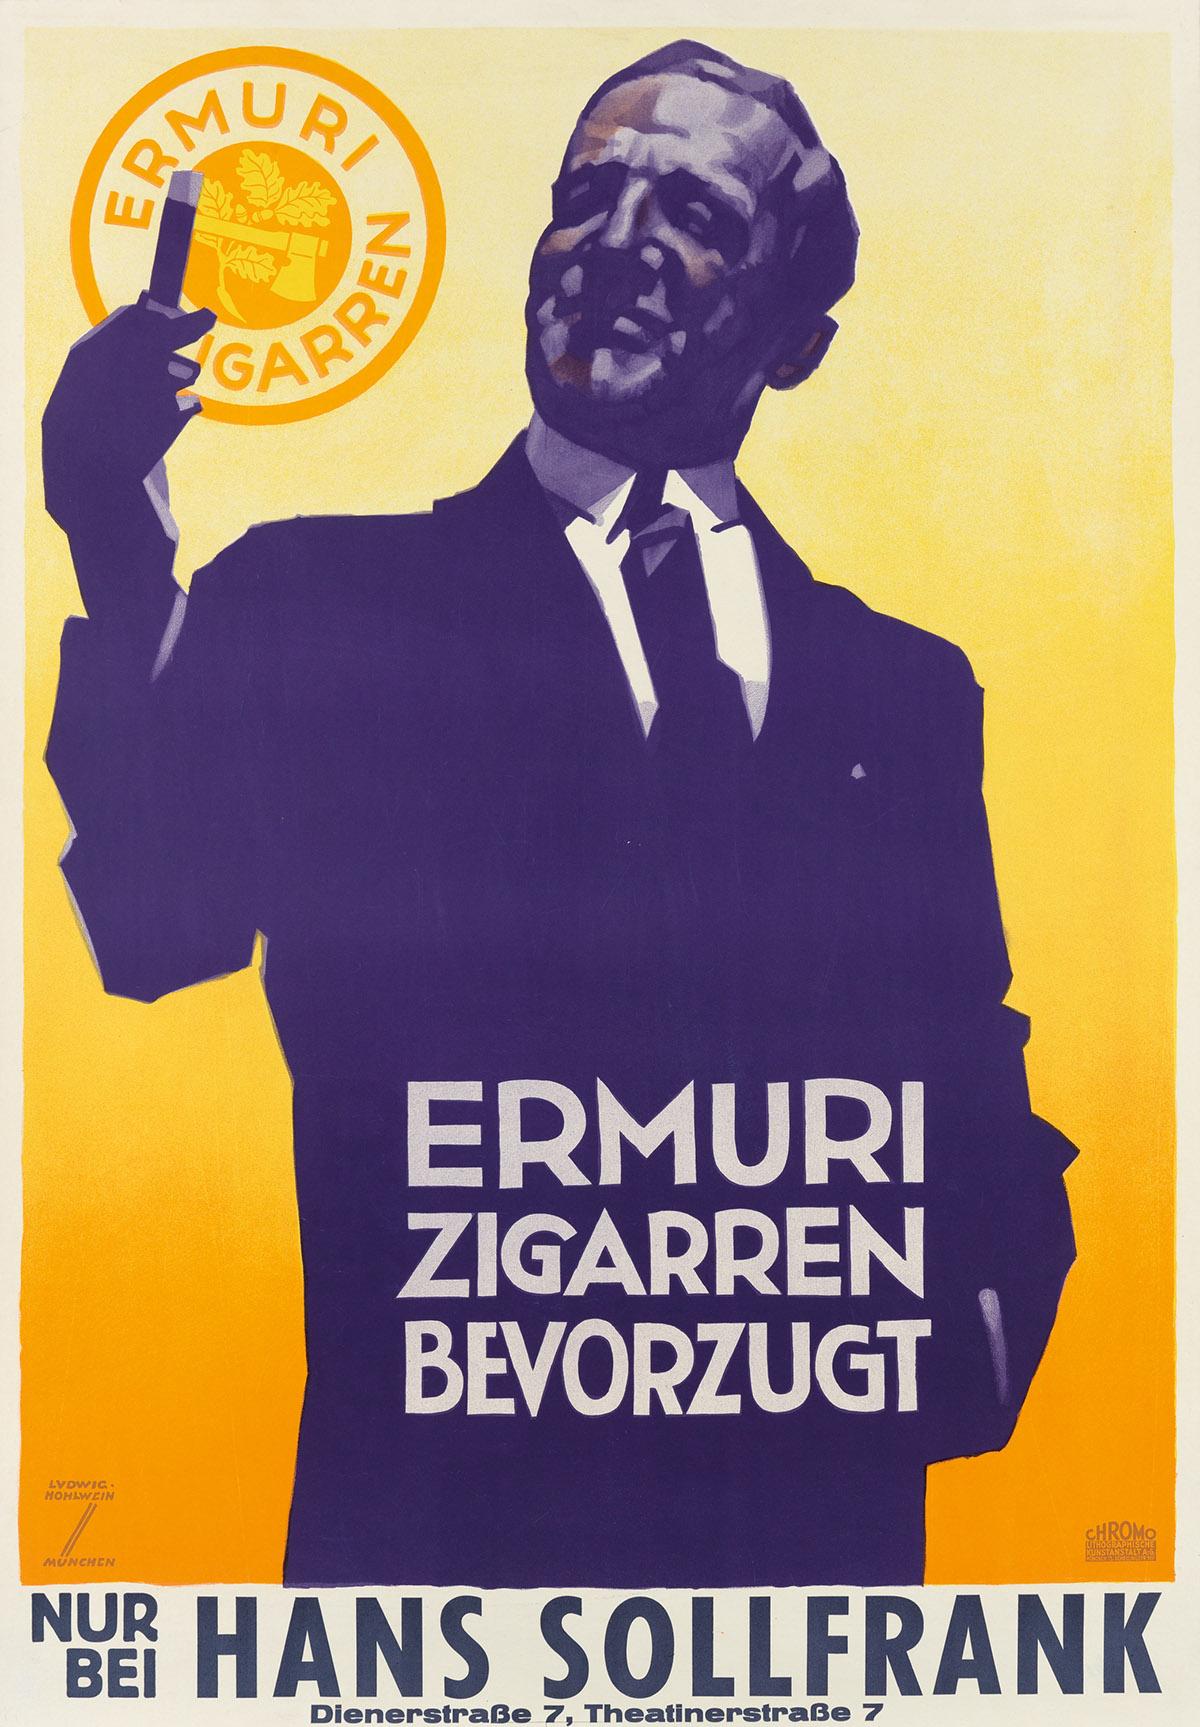 LUDWIG HOHLWEIN (1874-1949). ERMURI ZIGARREN BEVORZUGT. Circa 1925. 34x23 inches, 86x60 cm. Chromo Lithographische, Munich.